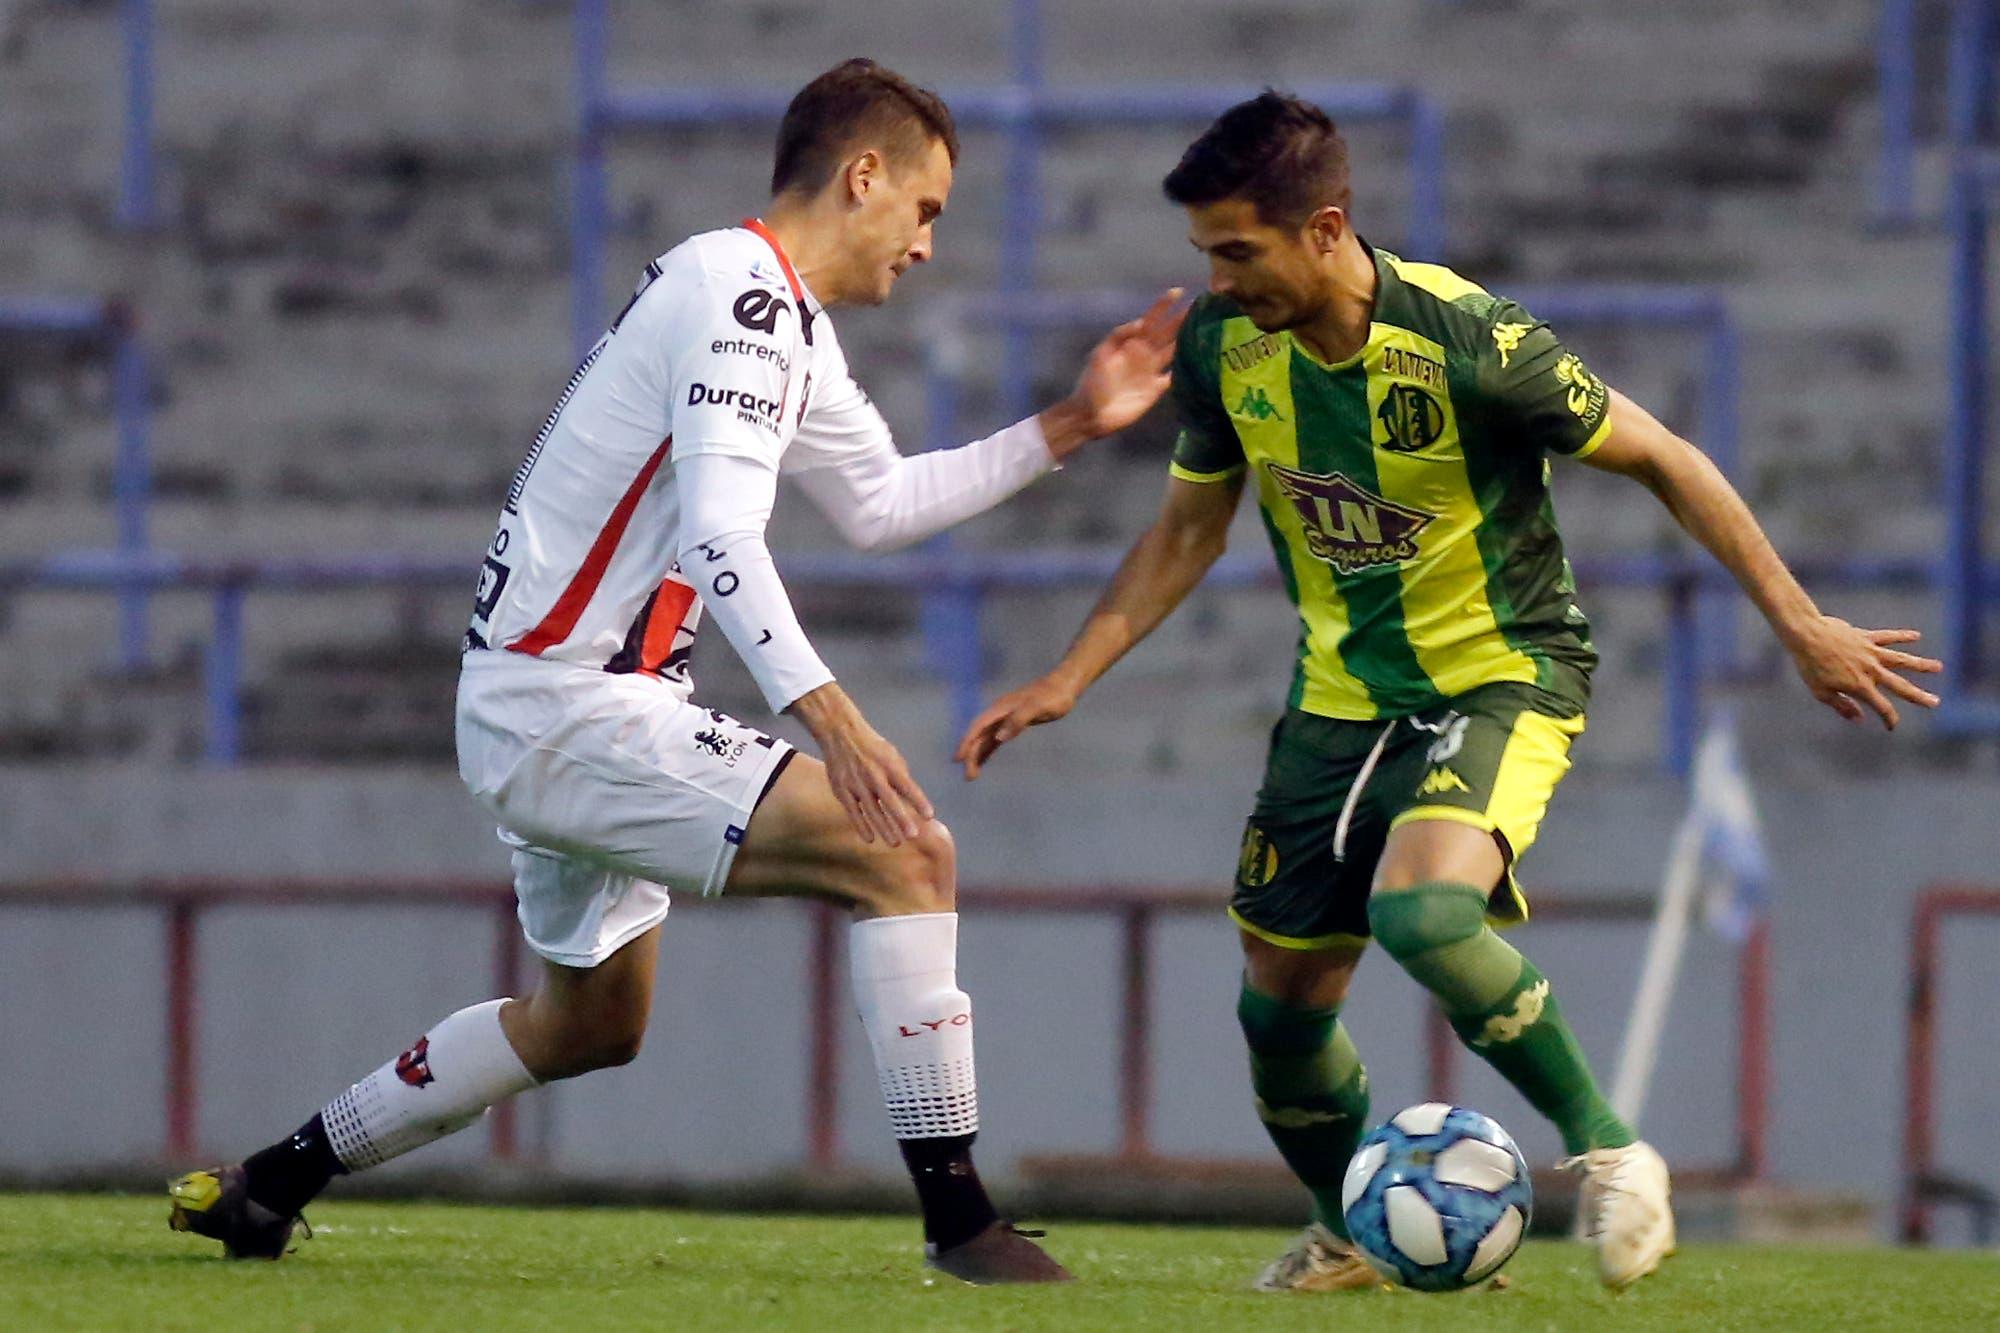 Aldosivi-Patronato, por la Superliga: iguales en un partido clave por la permanencia